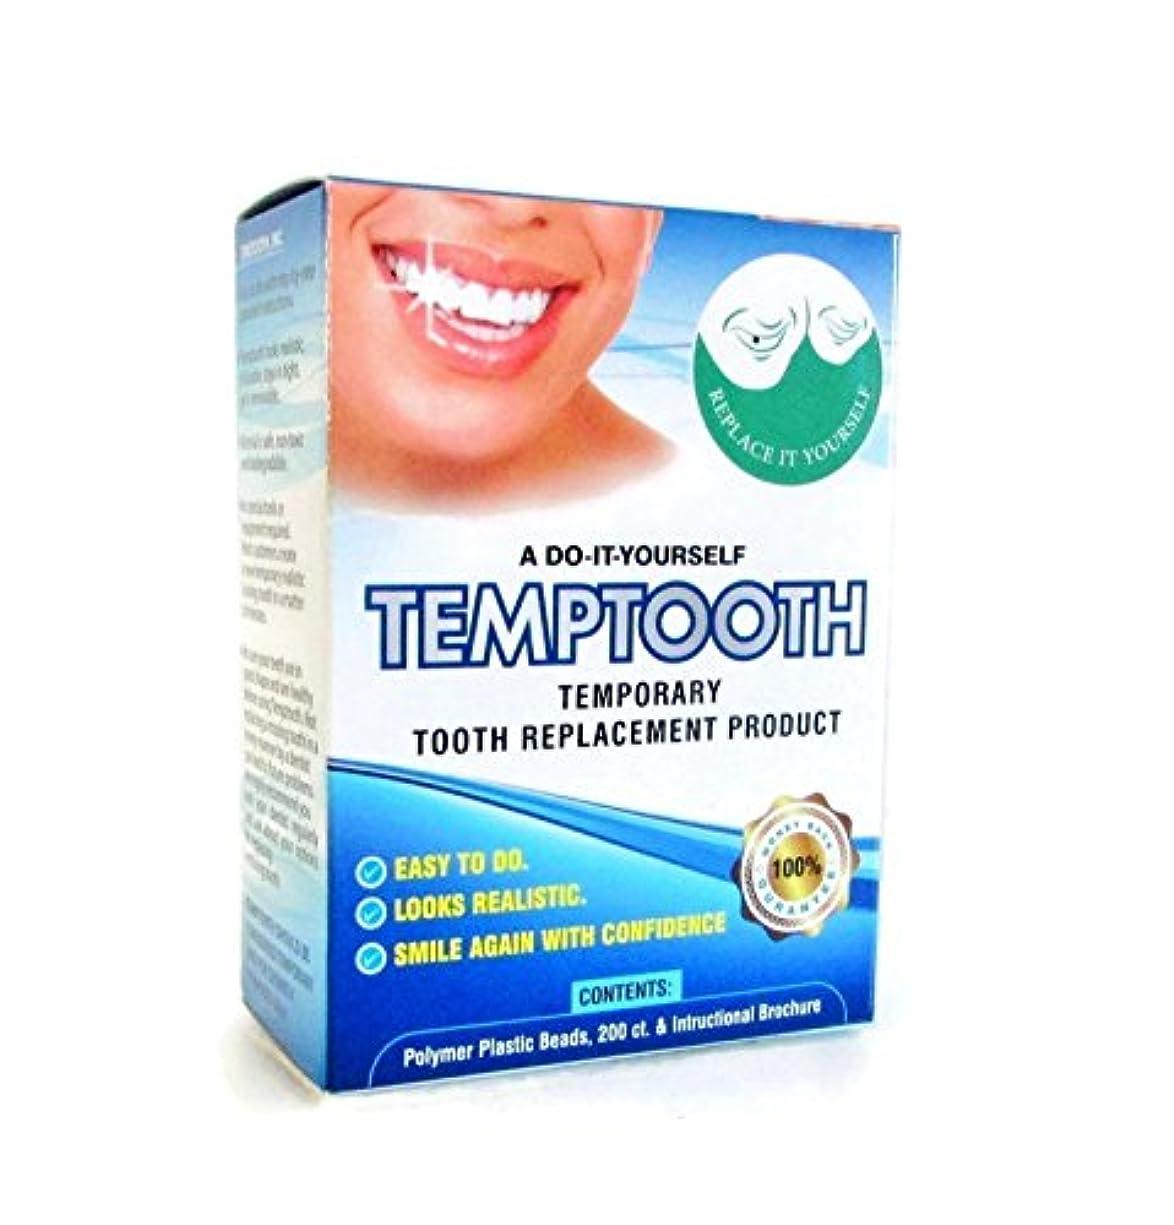 延ばす有効化乏しい自分で作るテンポラリー義歯/Temptooth Do It Yourself Tooth Replacement Product